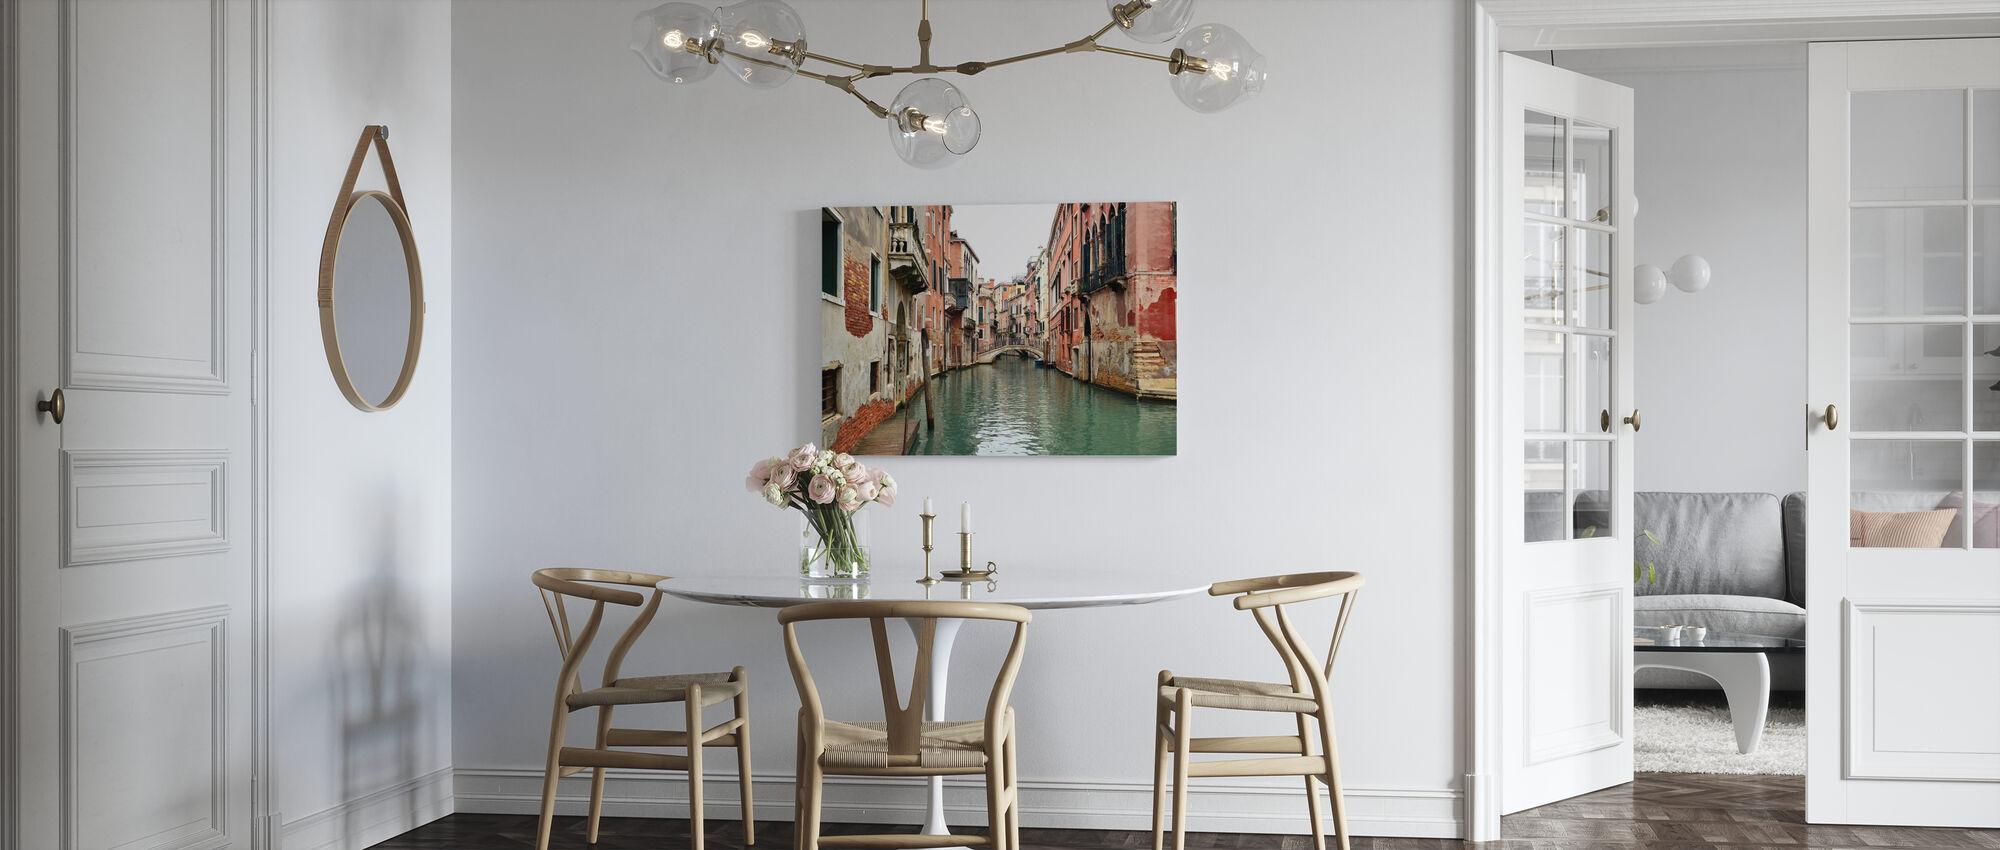 Tiilet ja vesikujat Venetsiassa - Canvastaulu - Keittiö